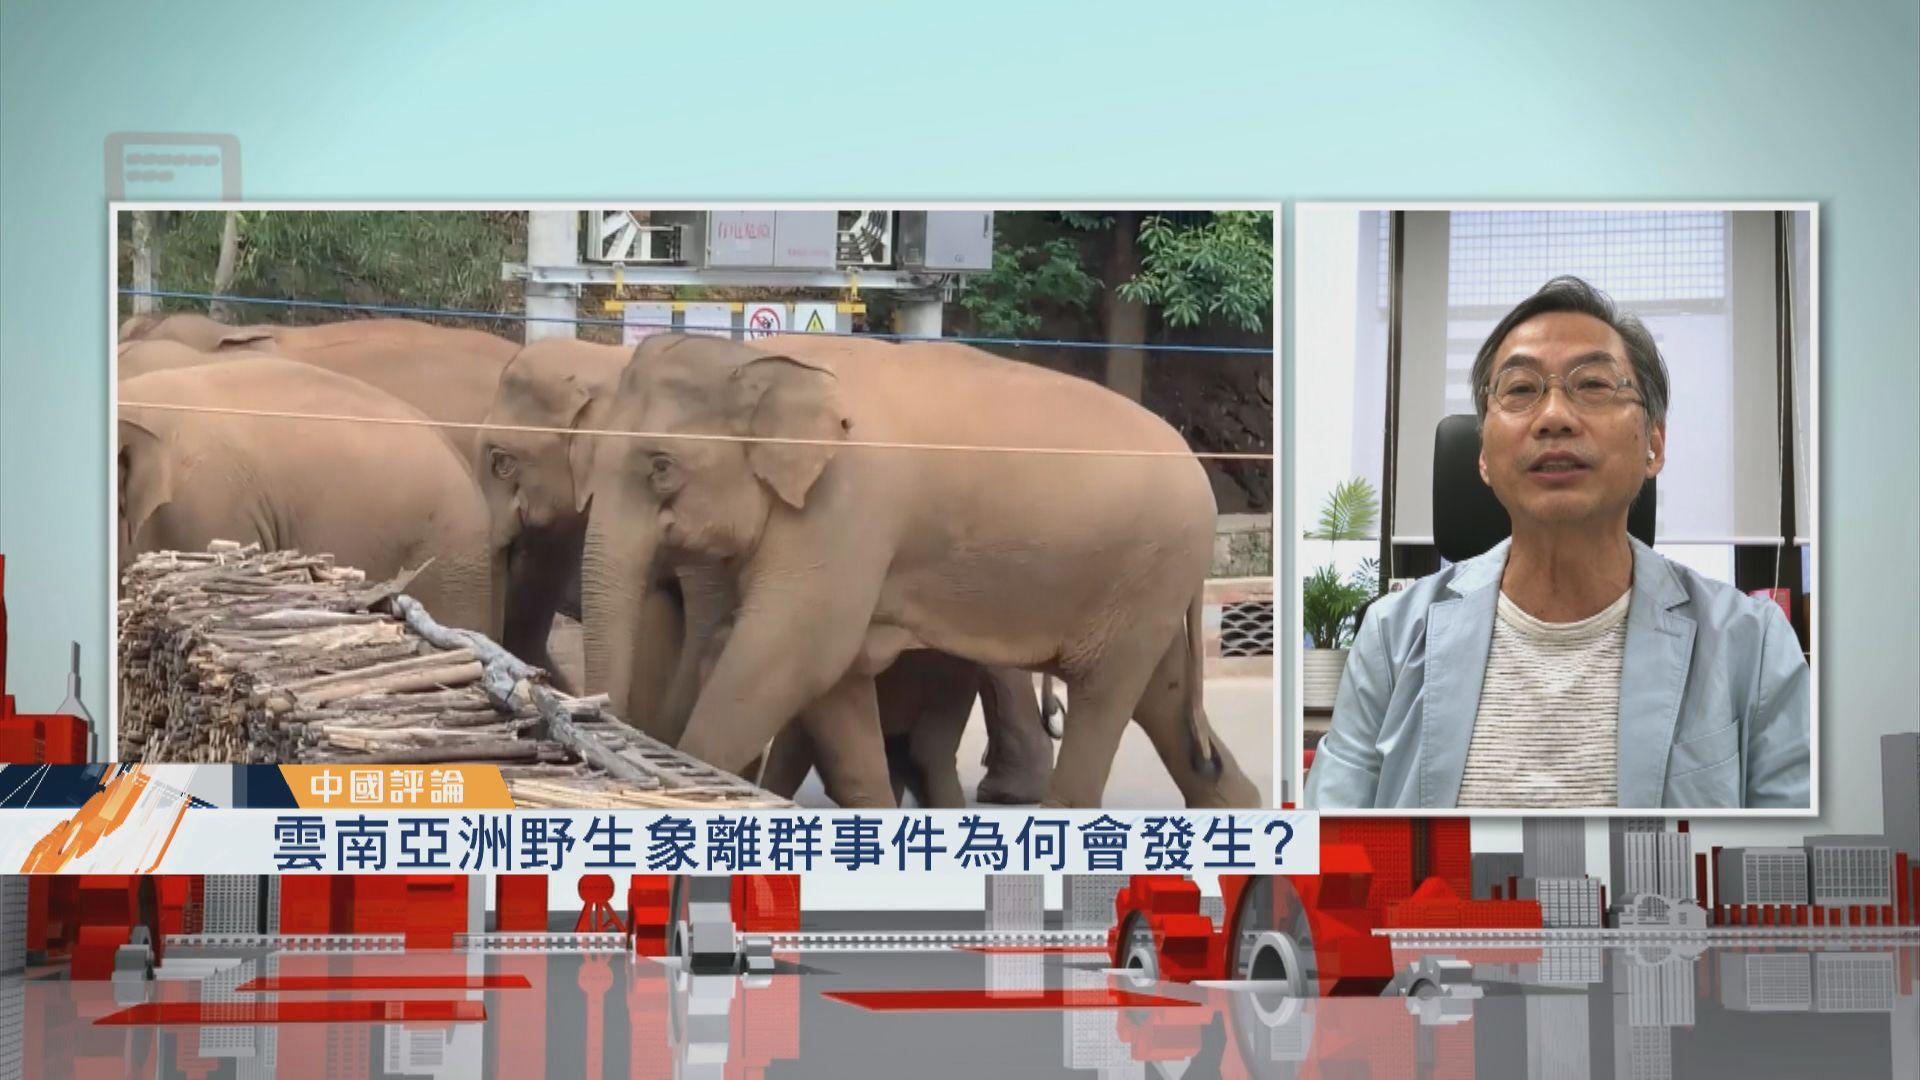 【中國評論】雲南亞洲野生象離群事件為何會發生?